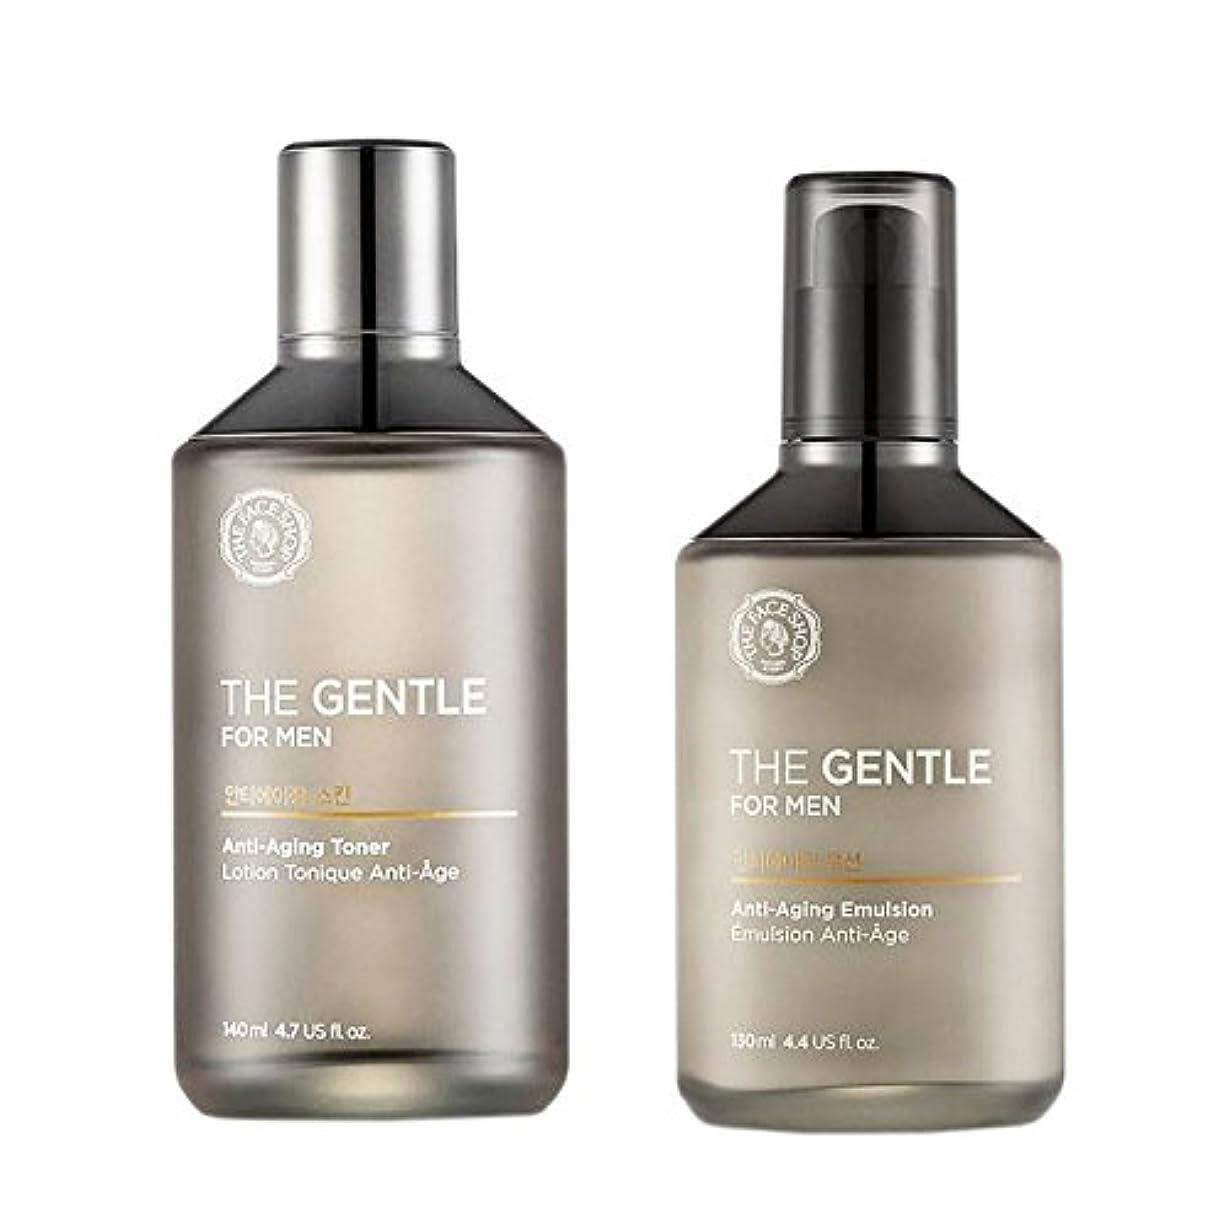 税金小説家合わせて[ザ·フェイスショップ]The Face Shop ジェントルメンズセット(ローション+トナー) The Gentle For Men Skincare Set(Emulsion+Toner) [海外直送品]